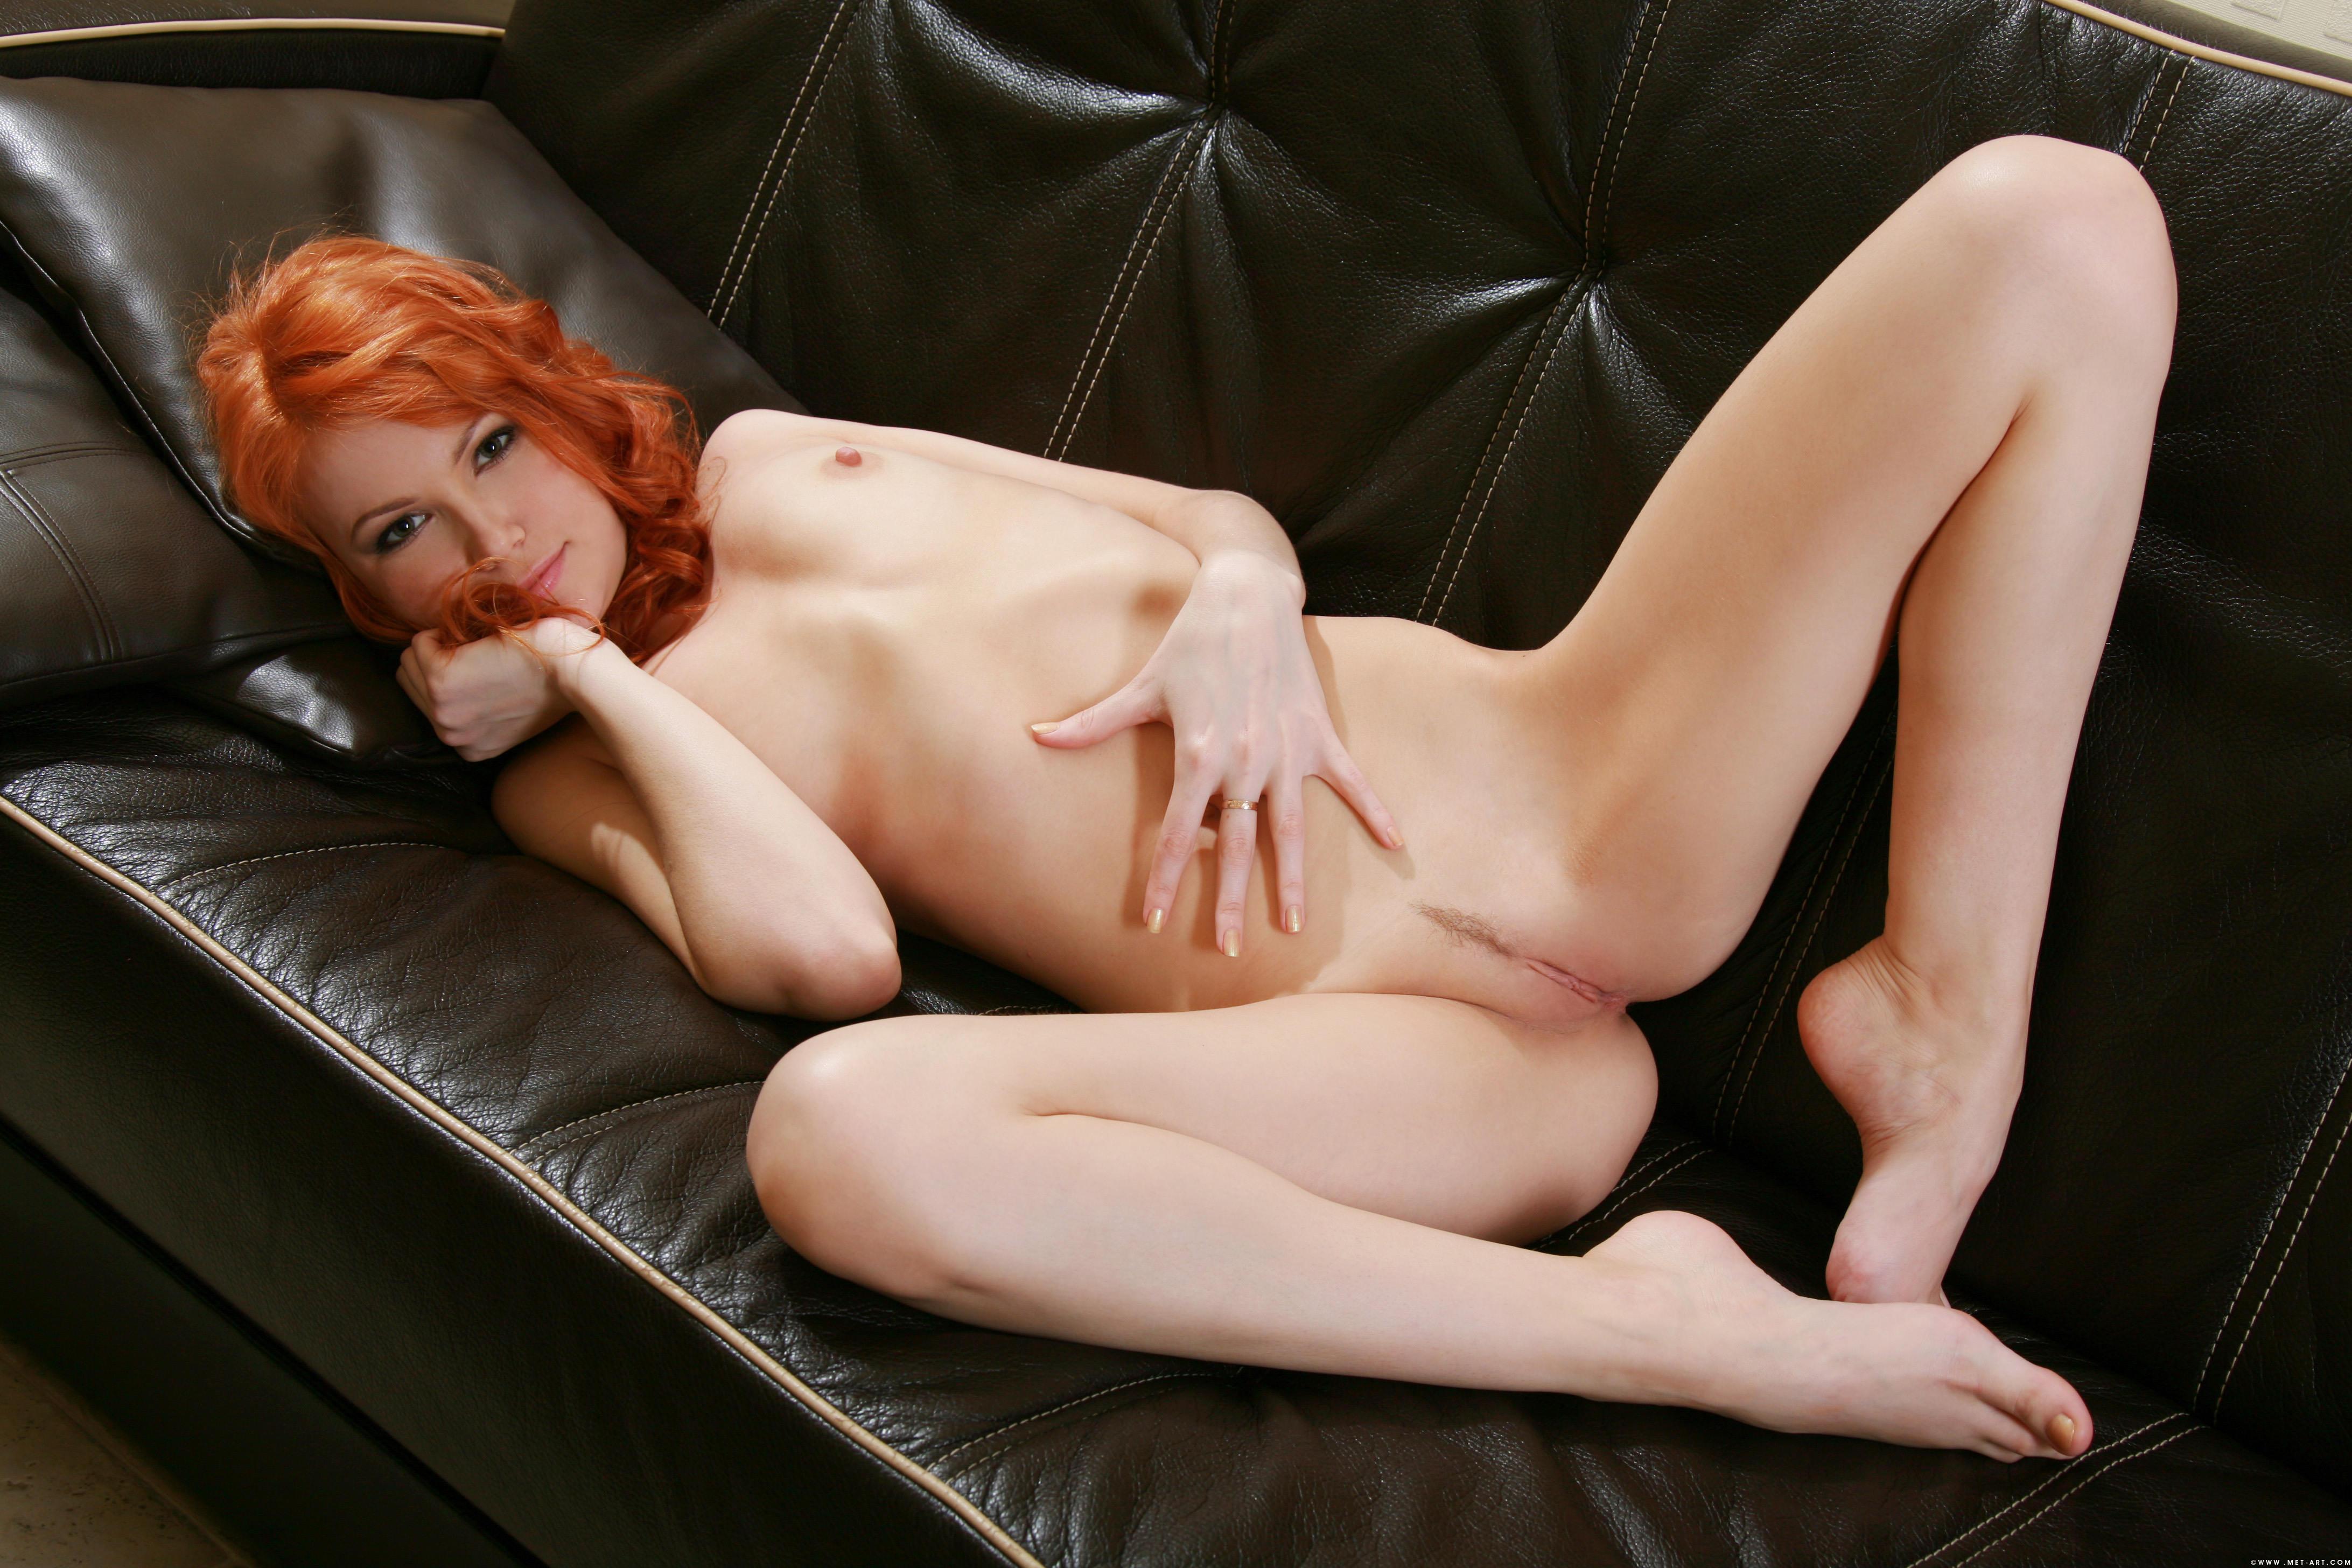 Фото порно рыжих девушек, Рыжие секс фото 20 фотография